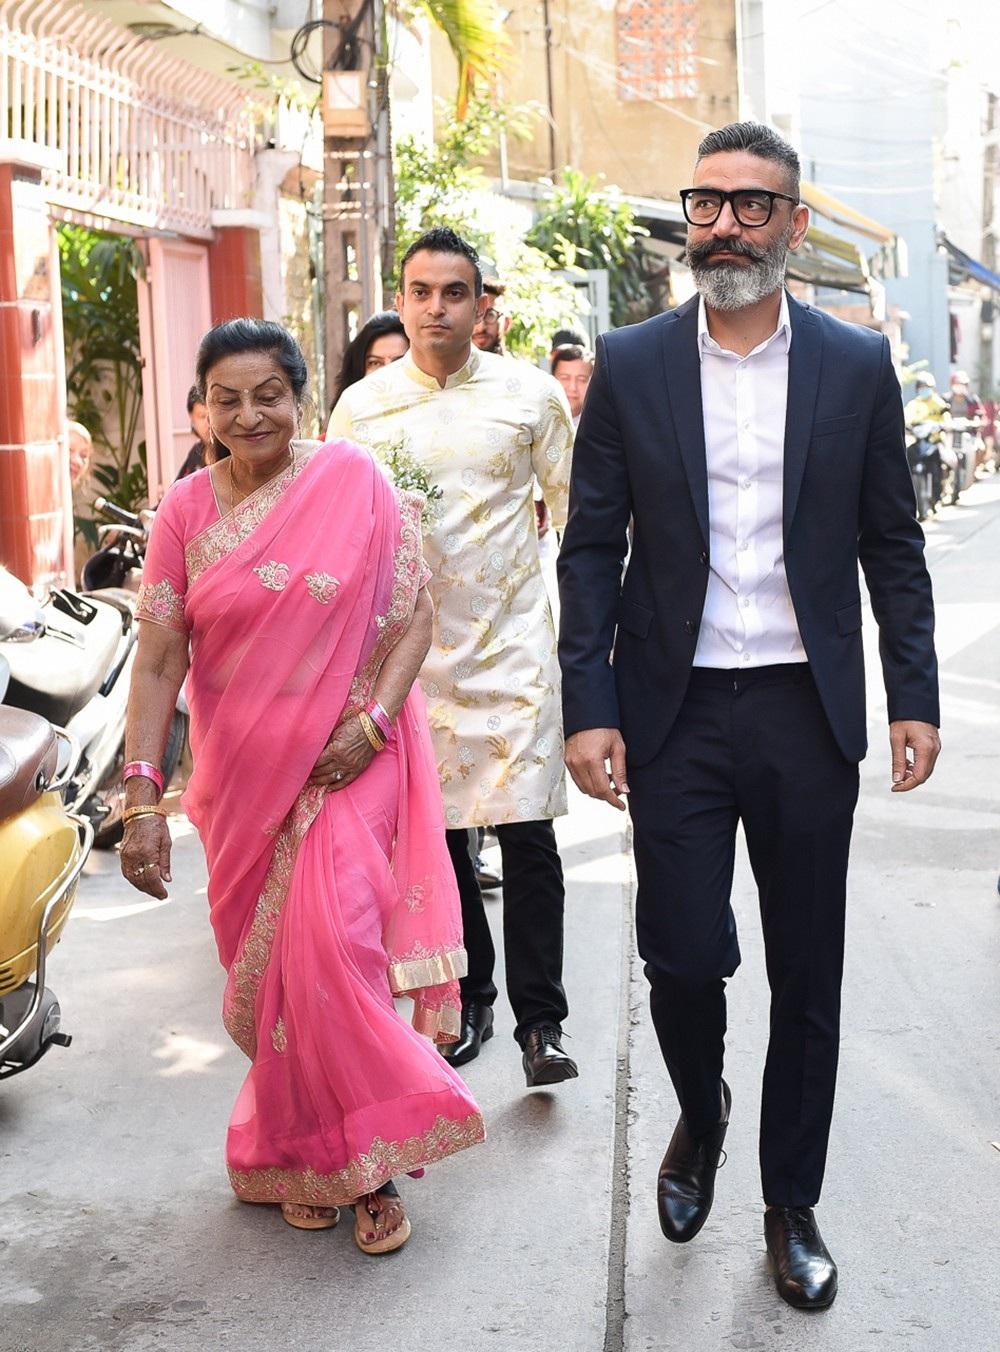 Mẹ Võ Hạ Trâm khóc nức nở khi con gái lên xe hoa cùng chồng Ấn Độ - Ảnh 6.